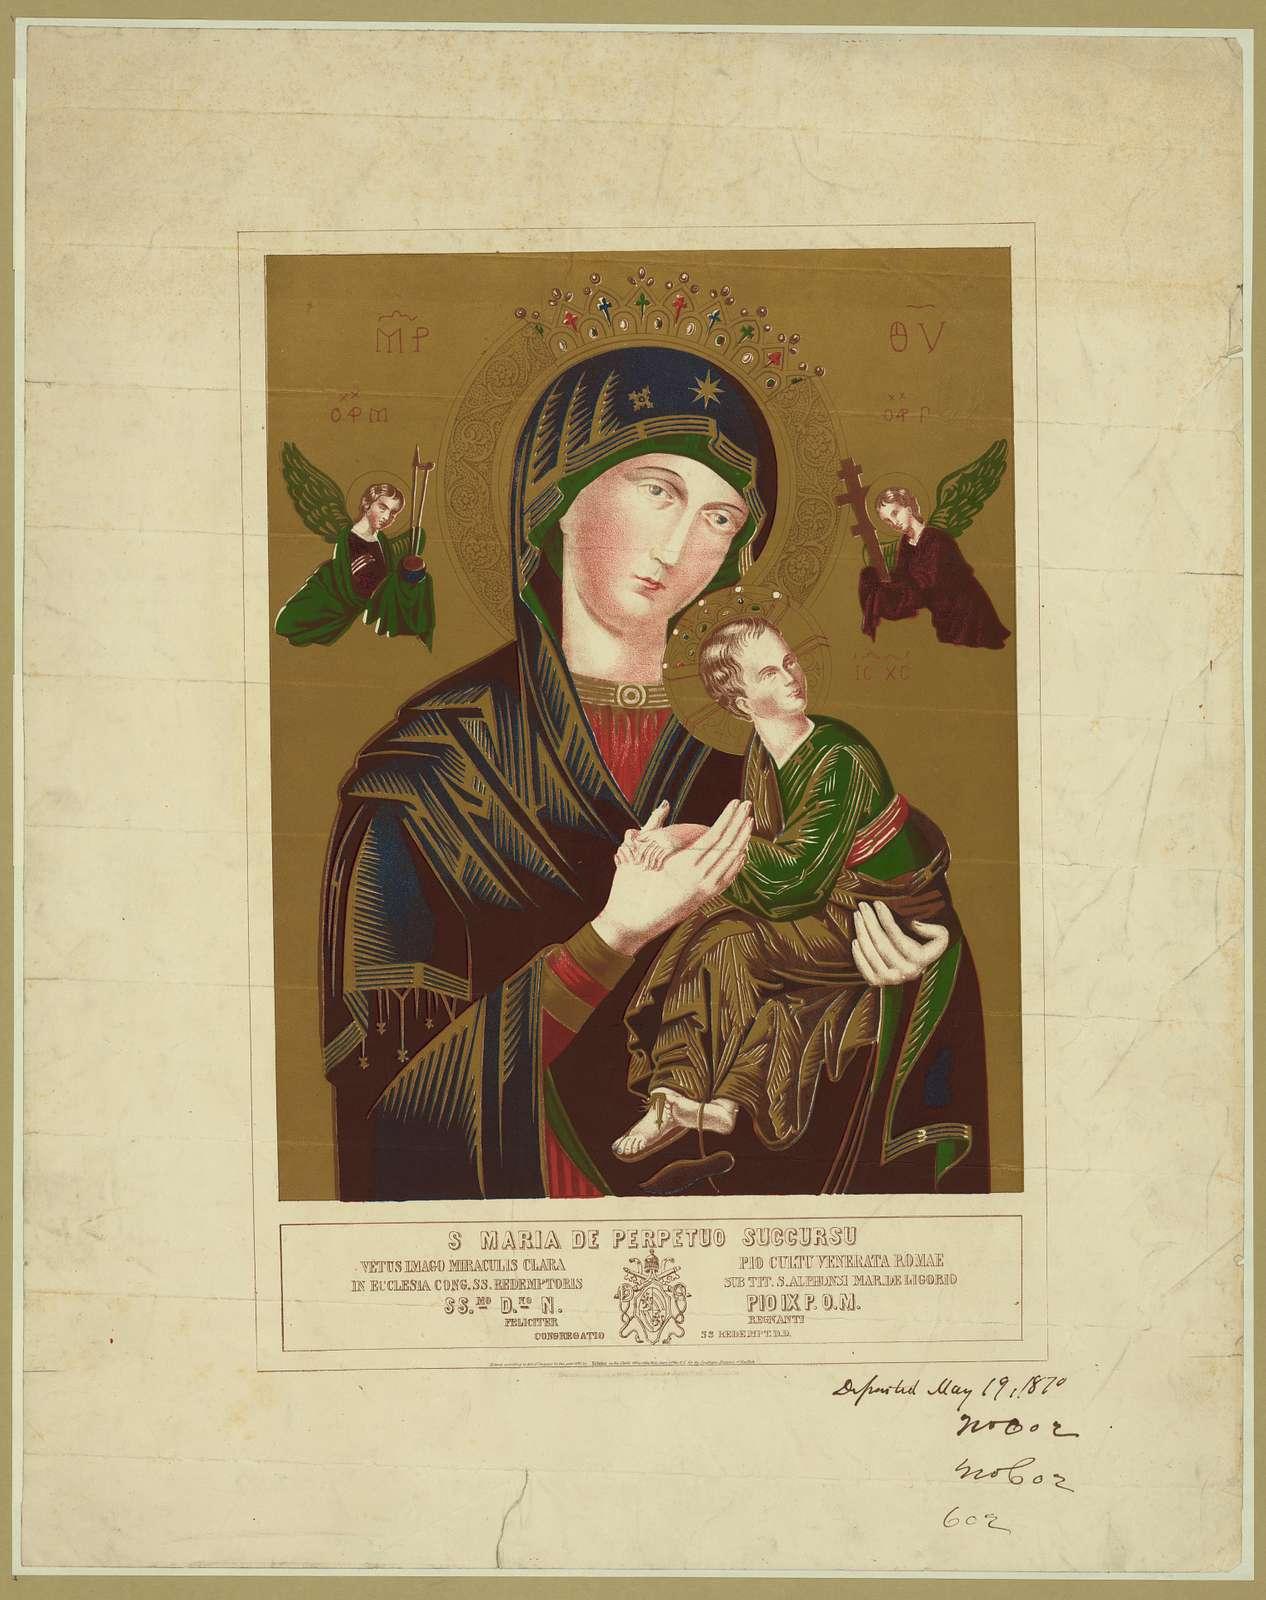 S Maria de perpetuo succurso